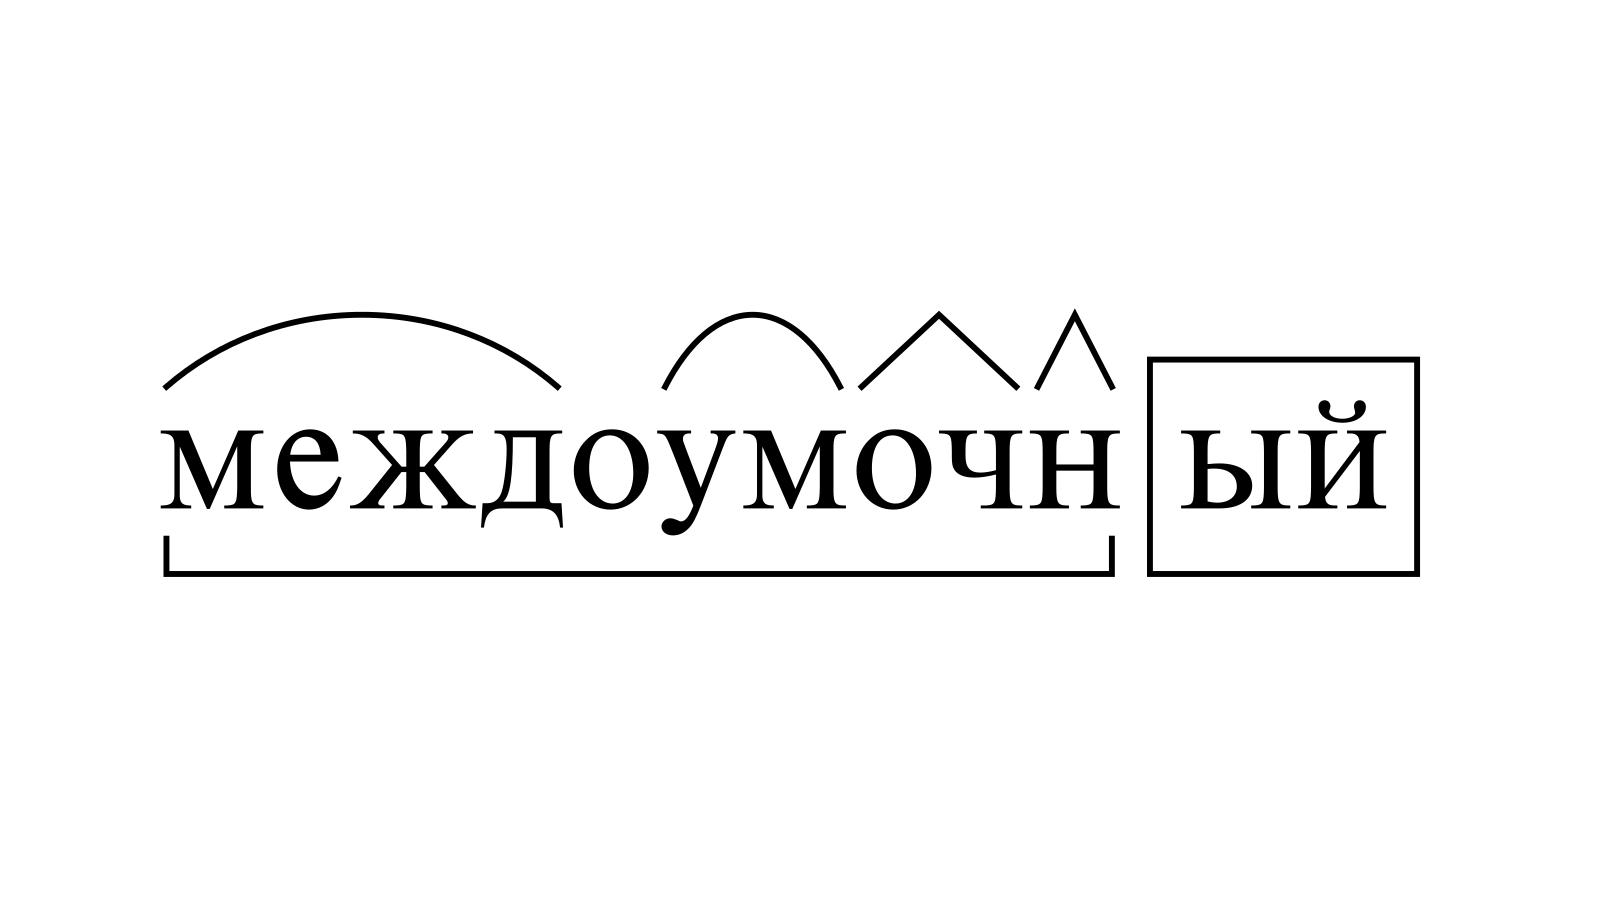 Разбор слова «междоумочный» по составу